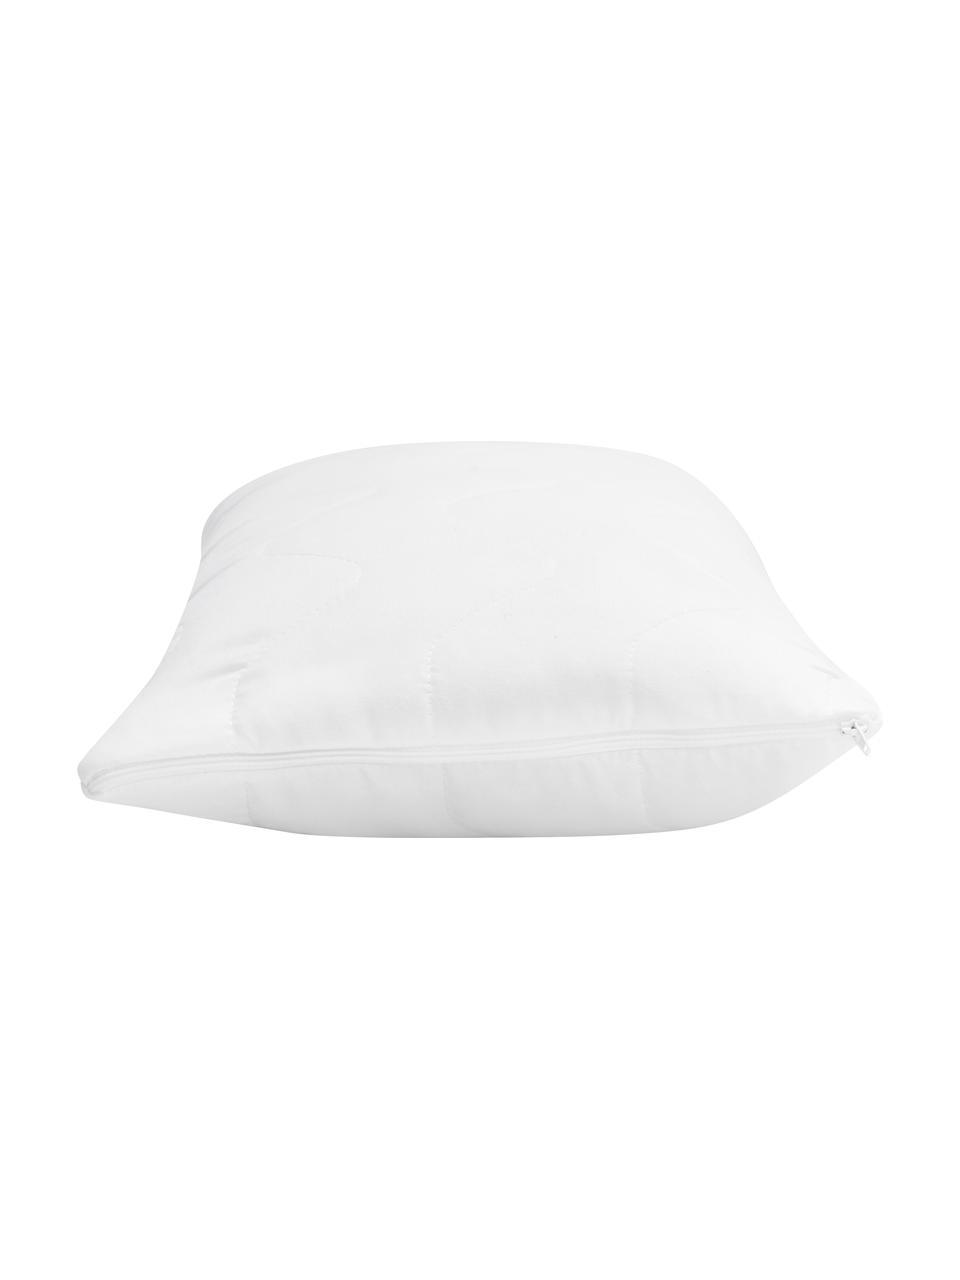 Wkład do poduszki Premium Sia, 30x50, Biały, S 30 x D 50 cm